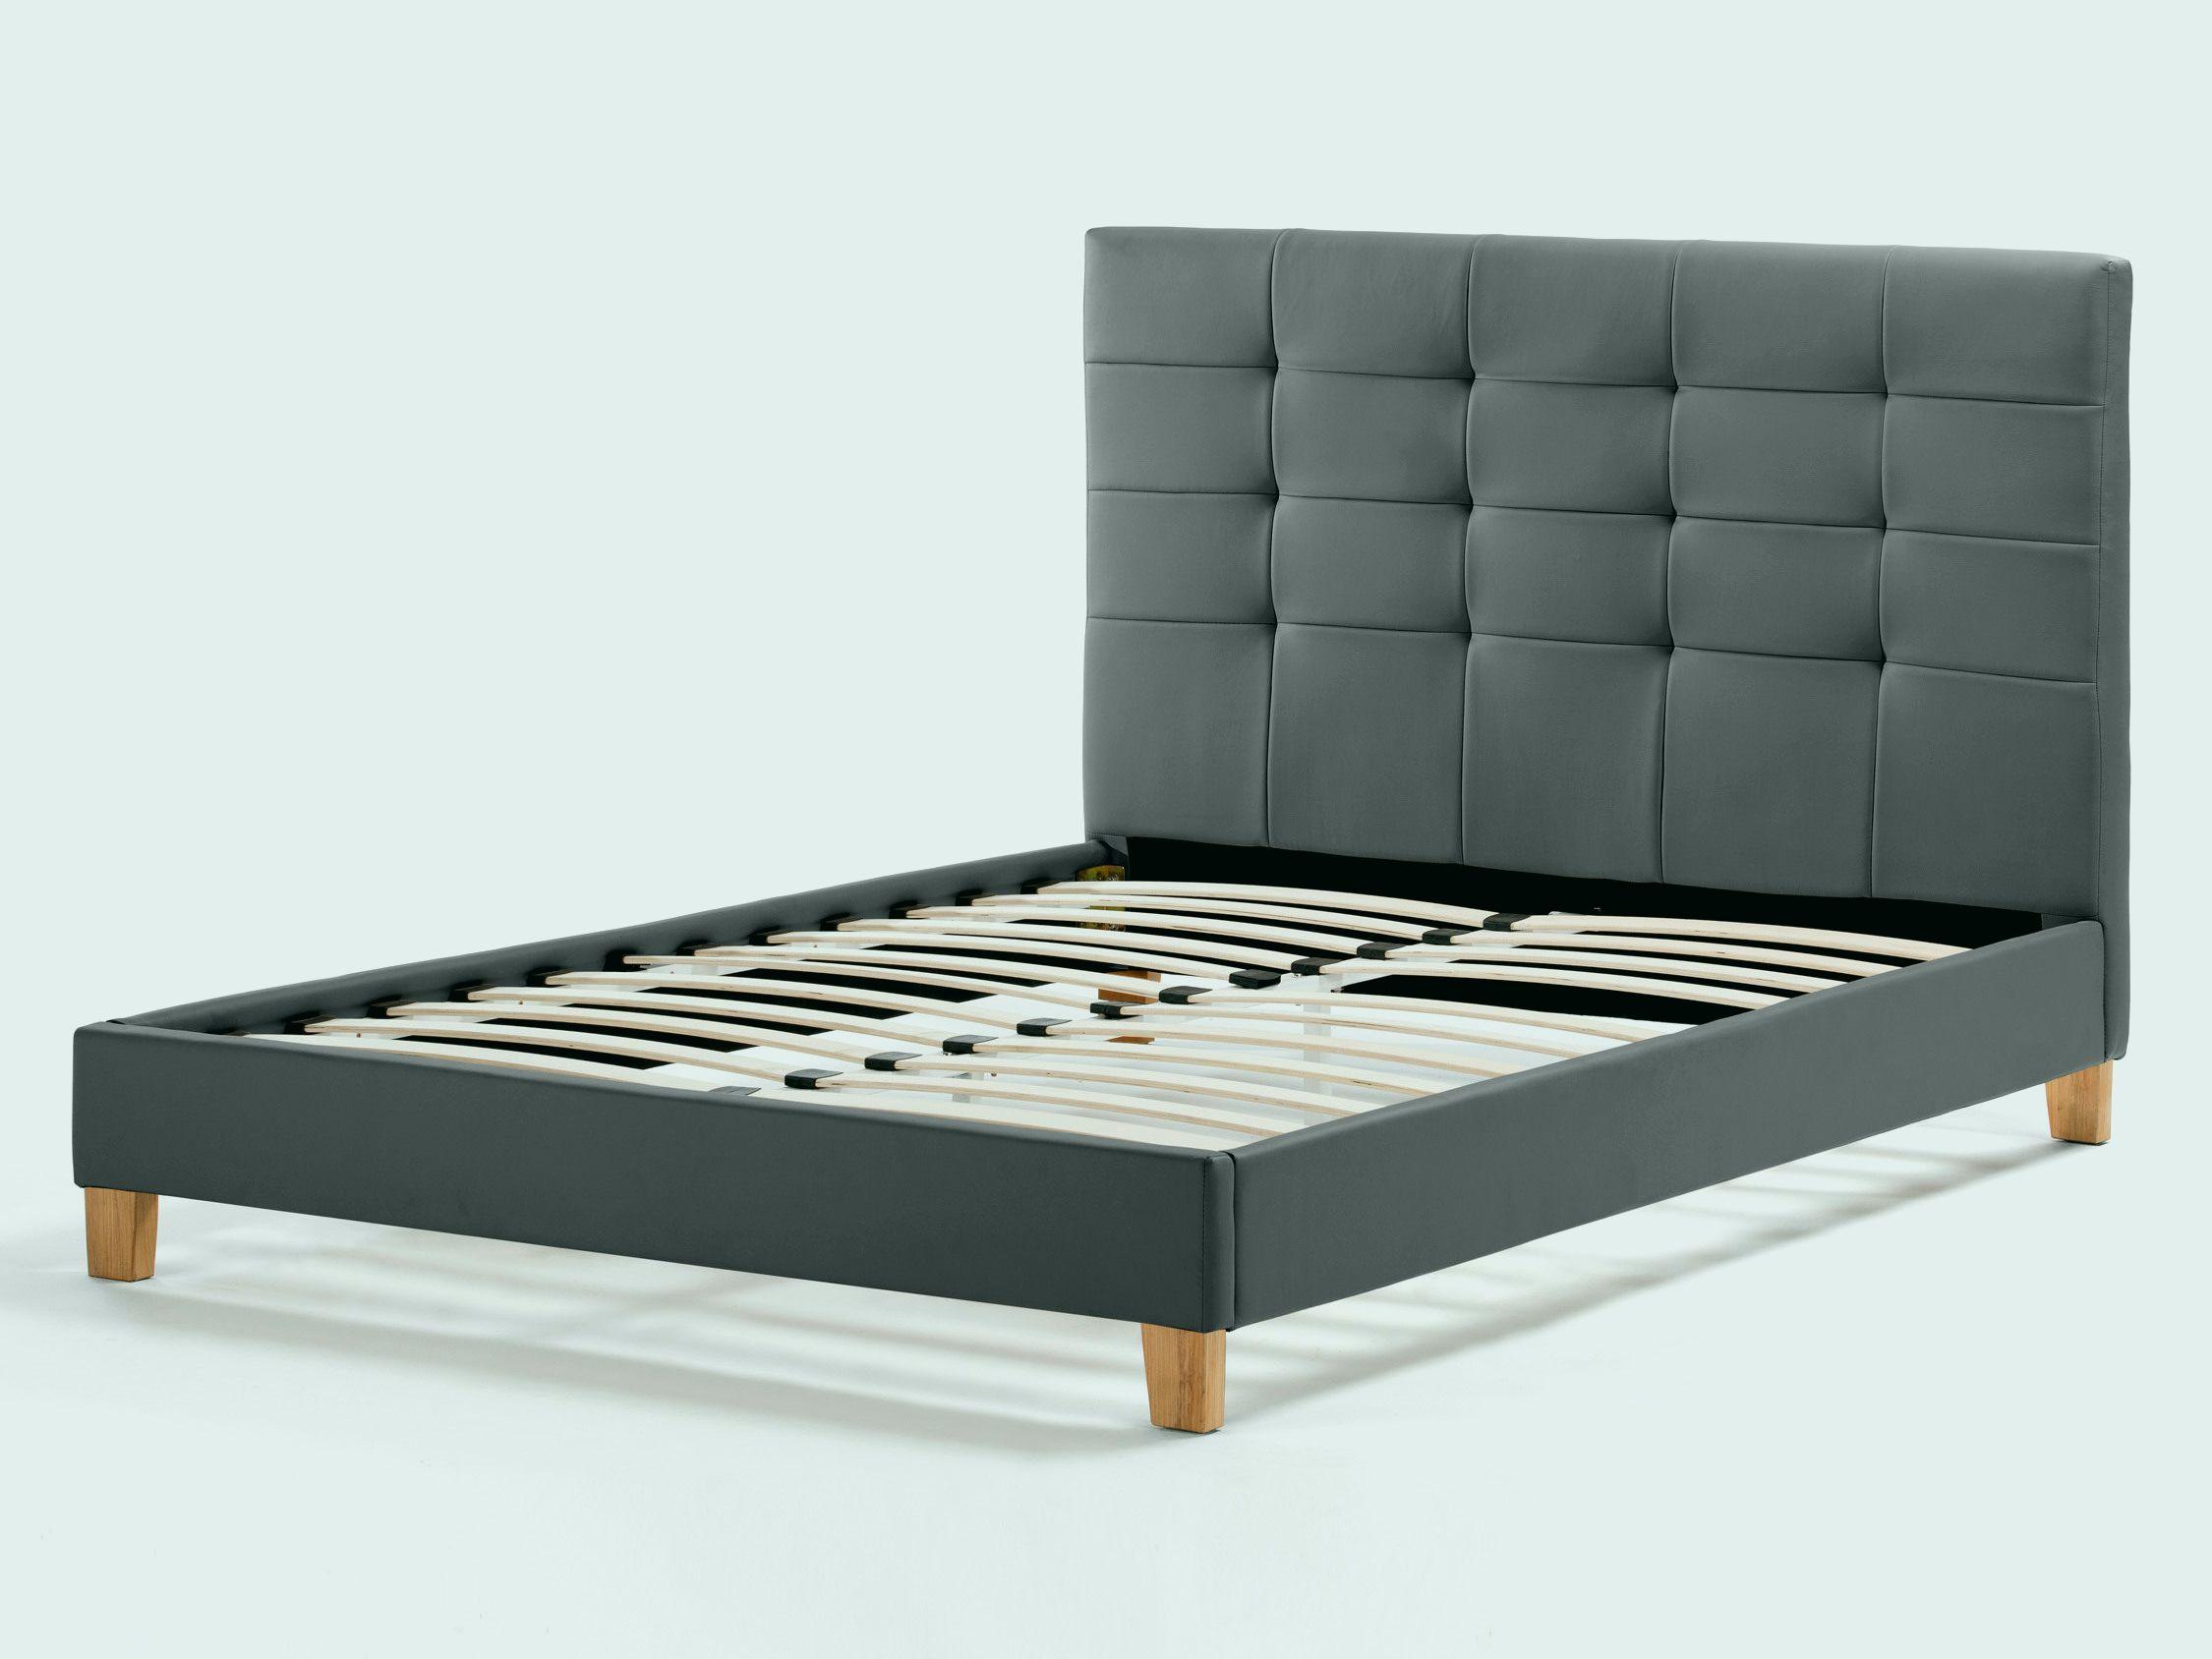 Canapé 3 Places Convertible Conforama Frais Collection Lit 2 Places 8 Mezzanine Adultes Meilleur De Luxe Lits Design